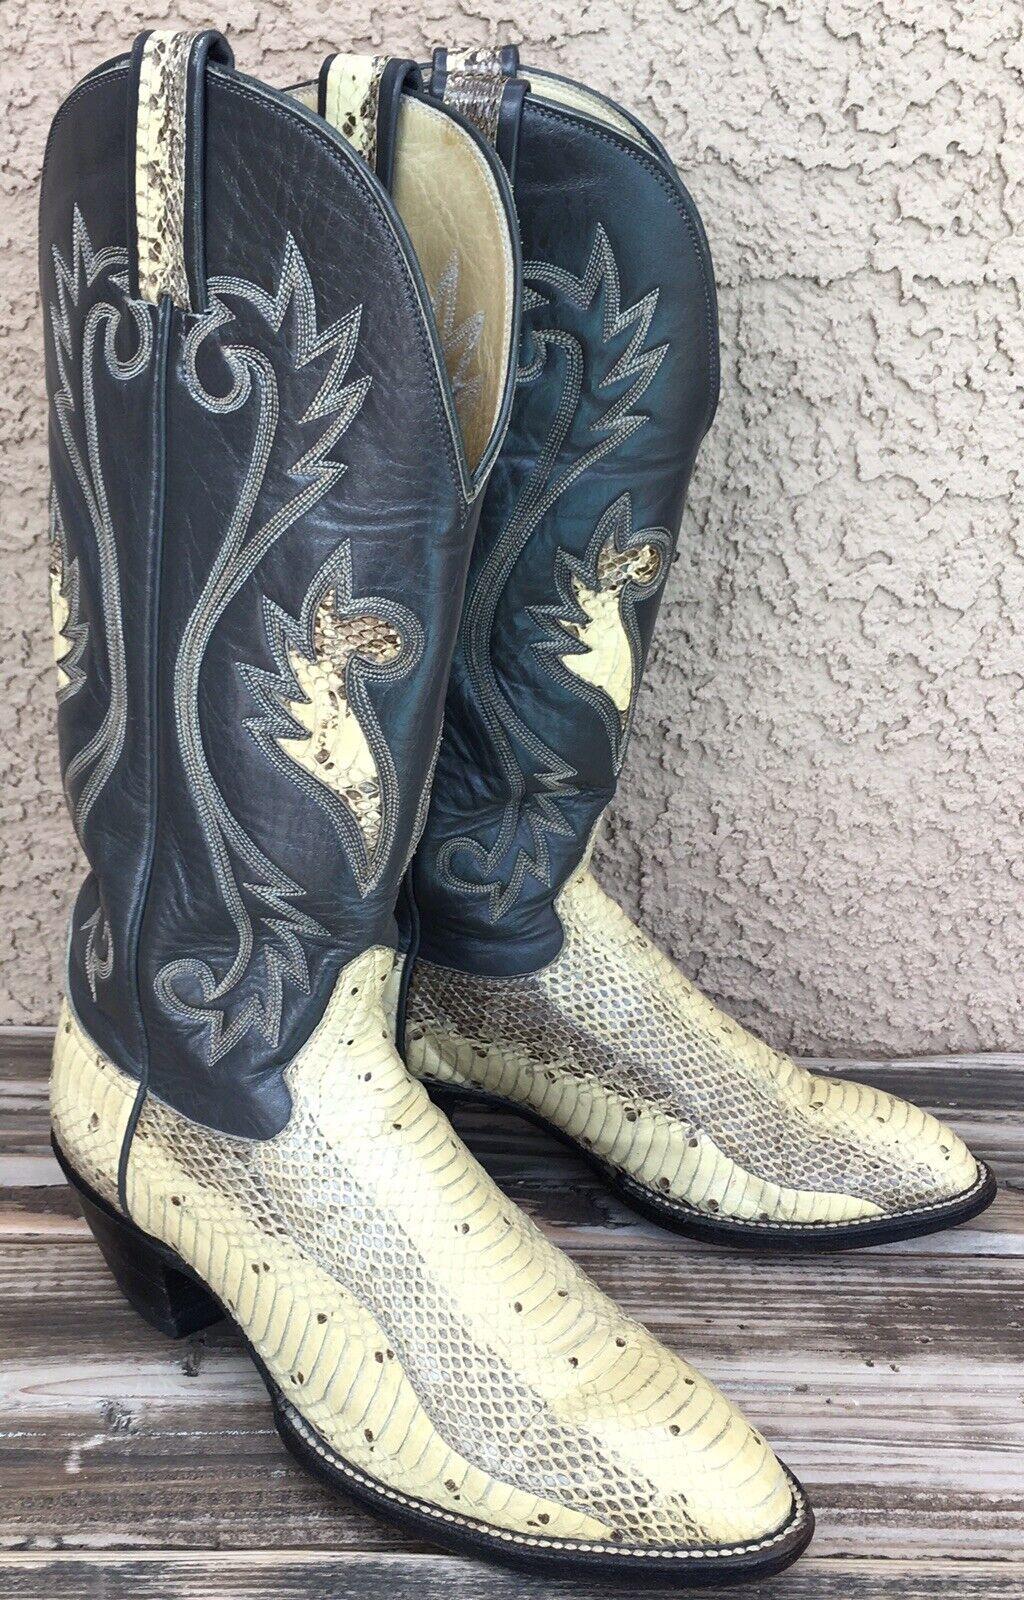 Hondo stivali Vtg Western Cowboy Exotic Python Snakeskin Sz 8.5 donna's Marked 6C